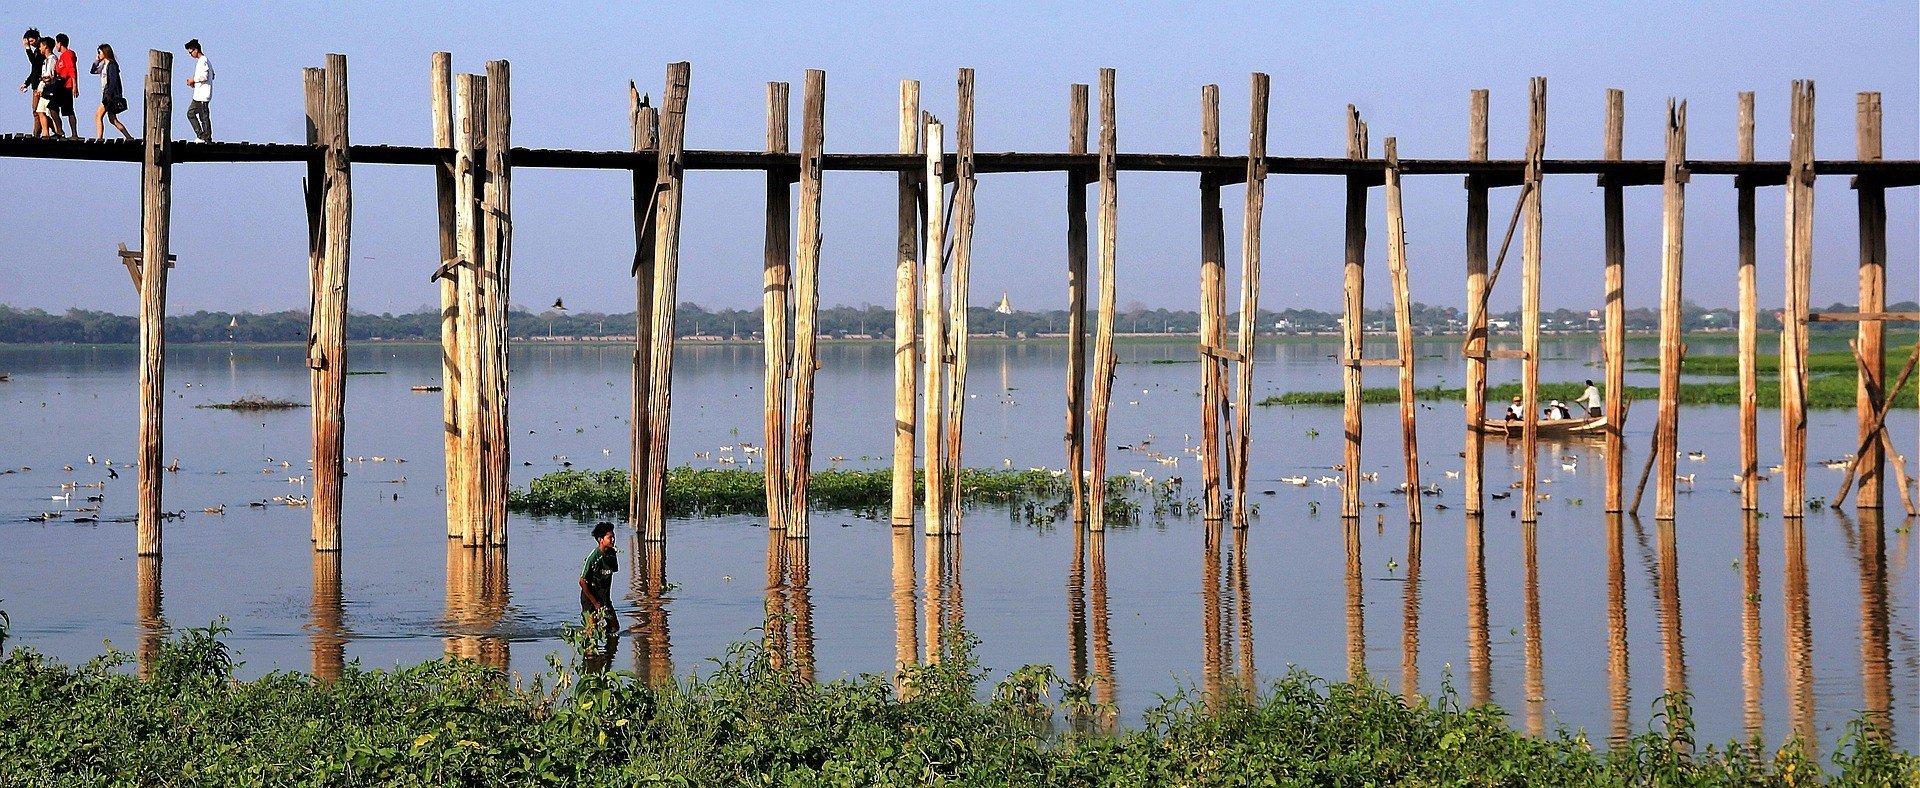 Teak wood support of U Bein Bridge